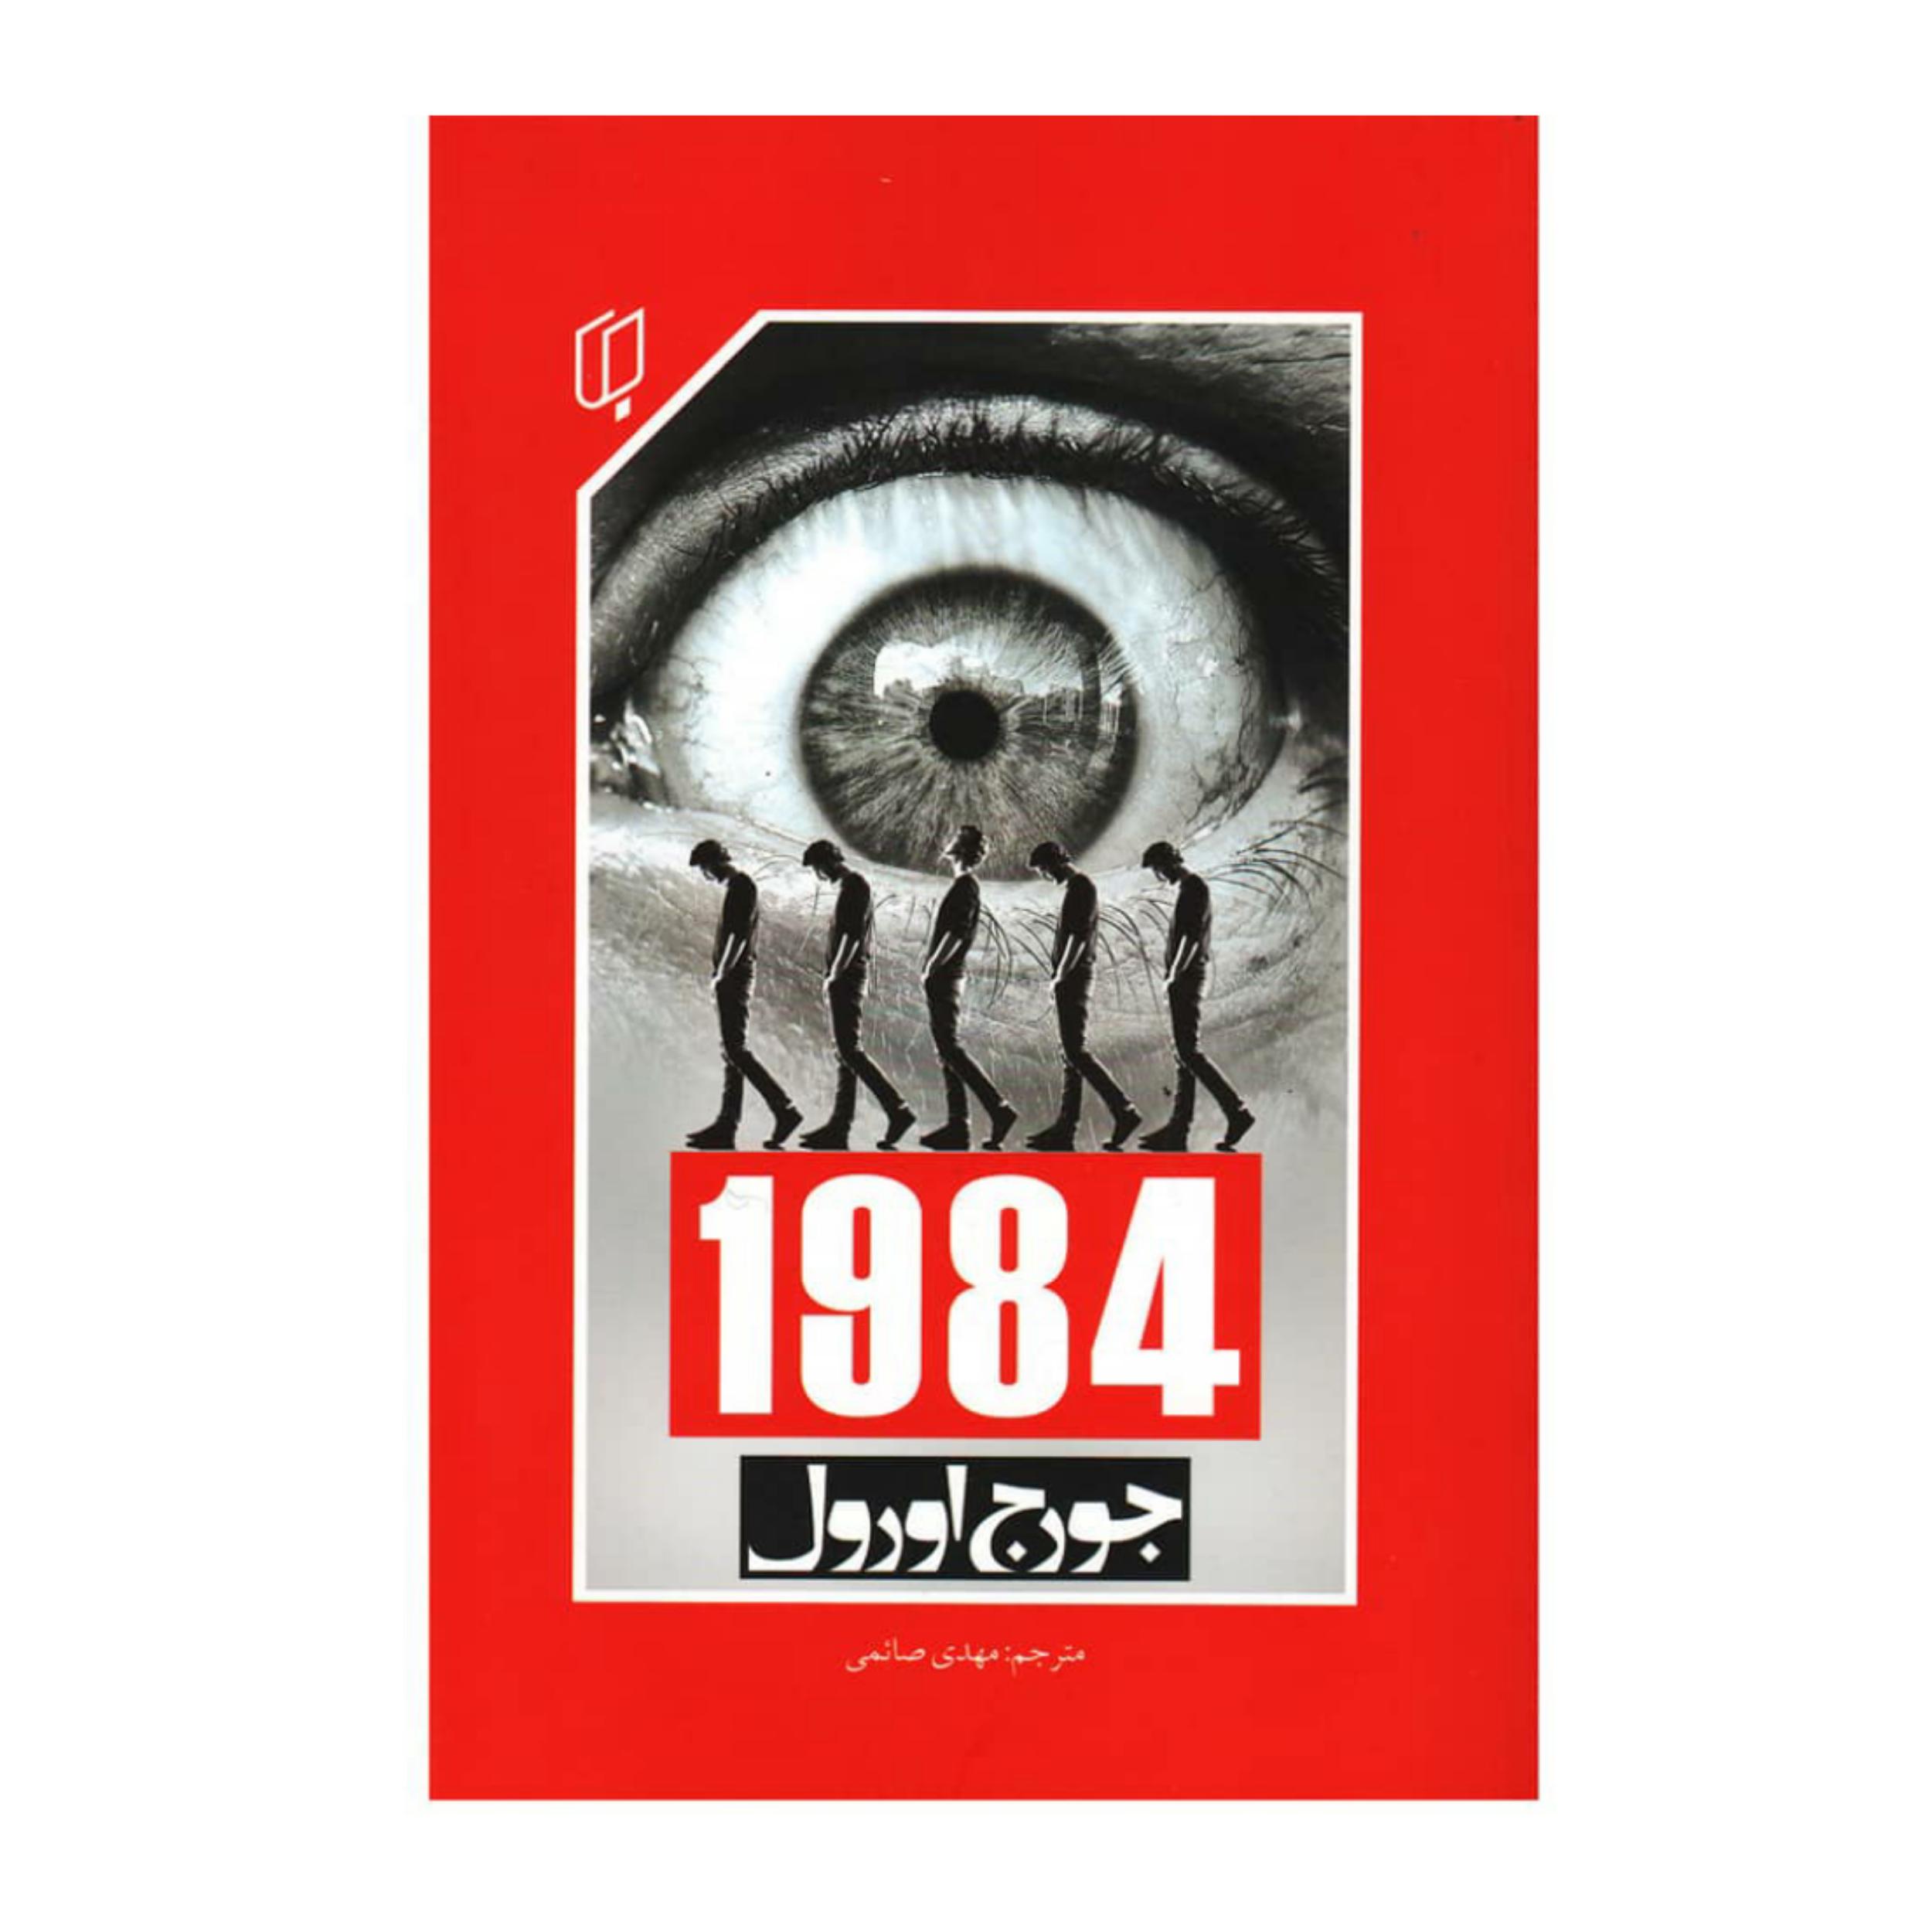 خرید                      کتاب 1984 اثر جورج اورول انتشارات باران خرد